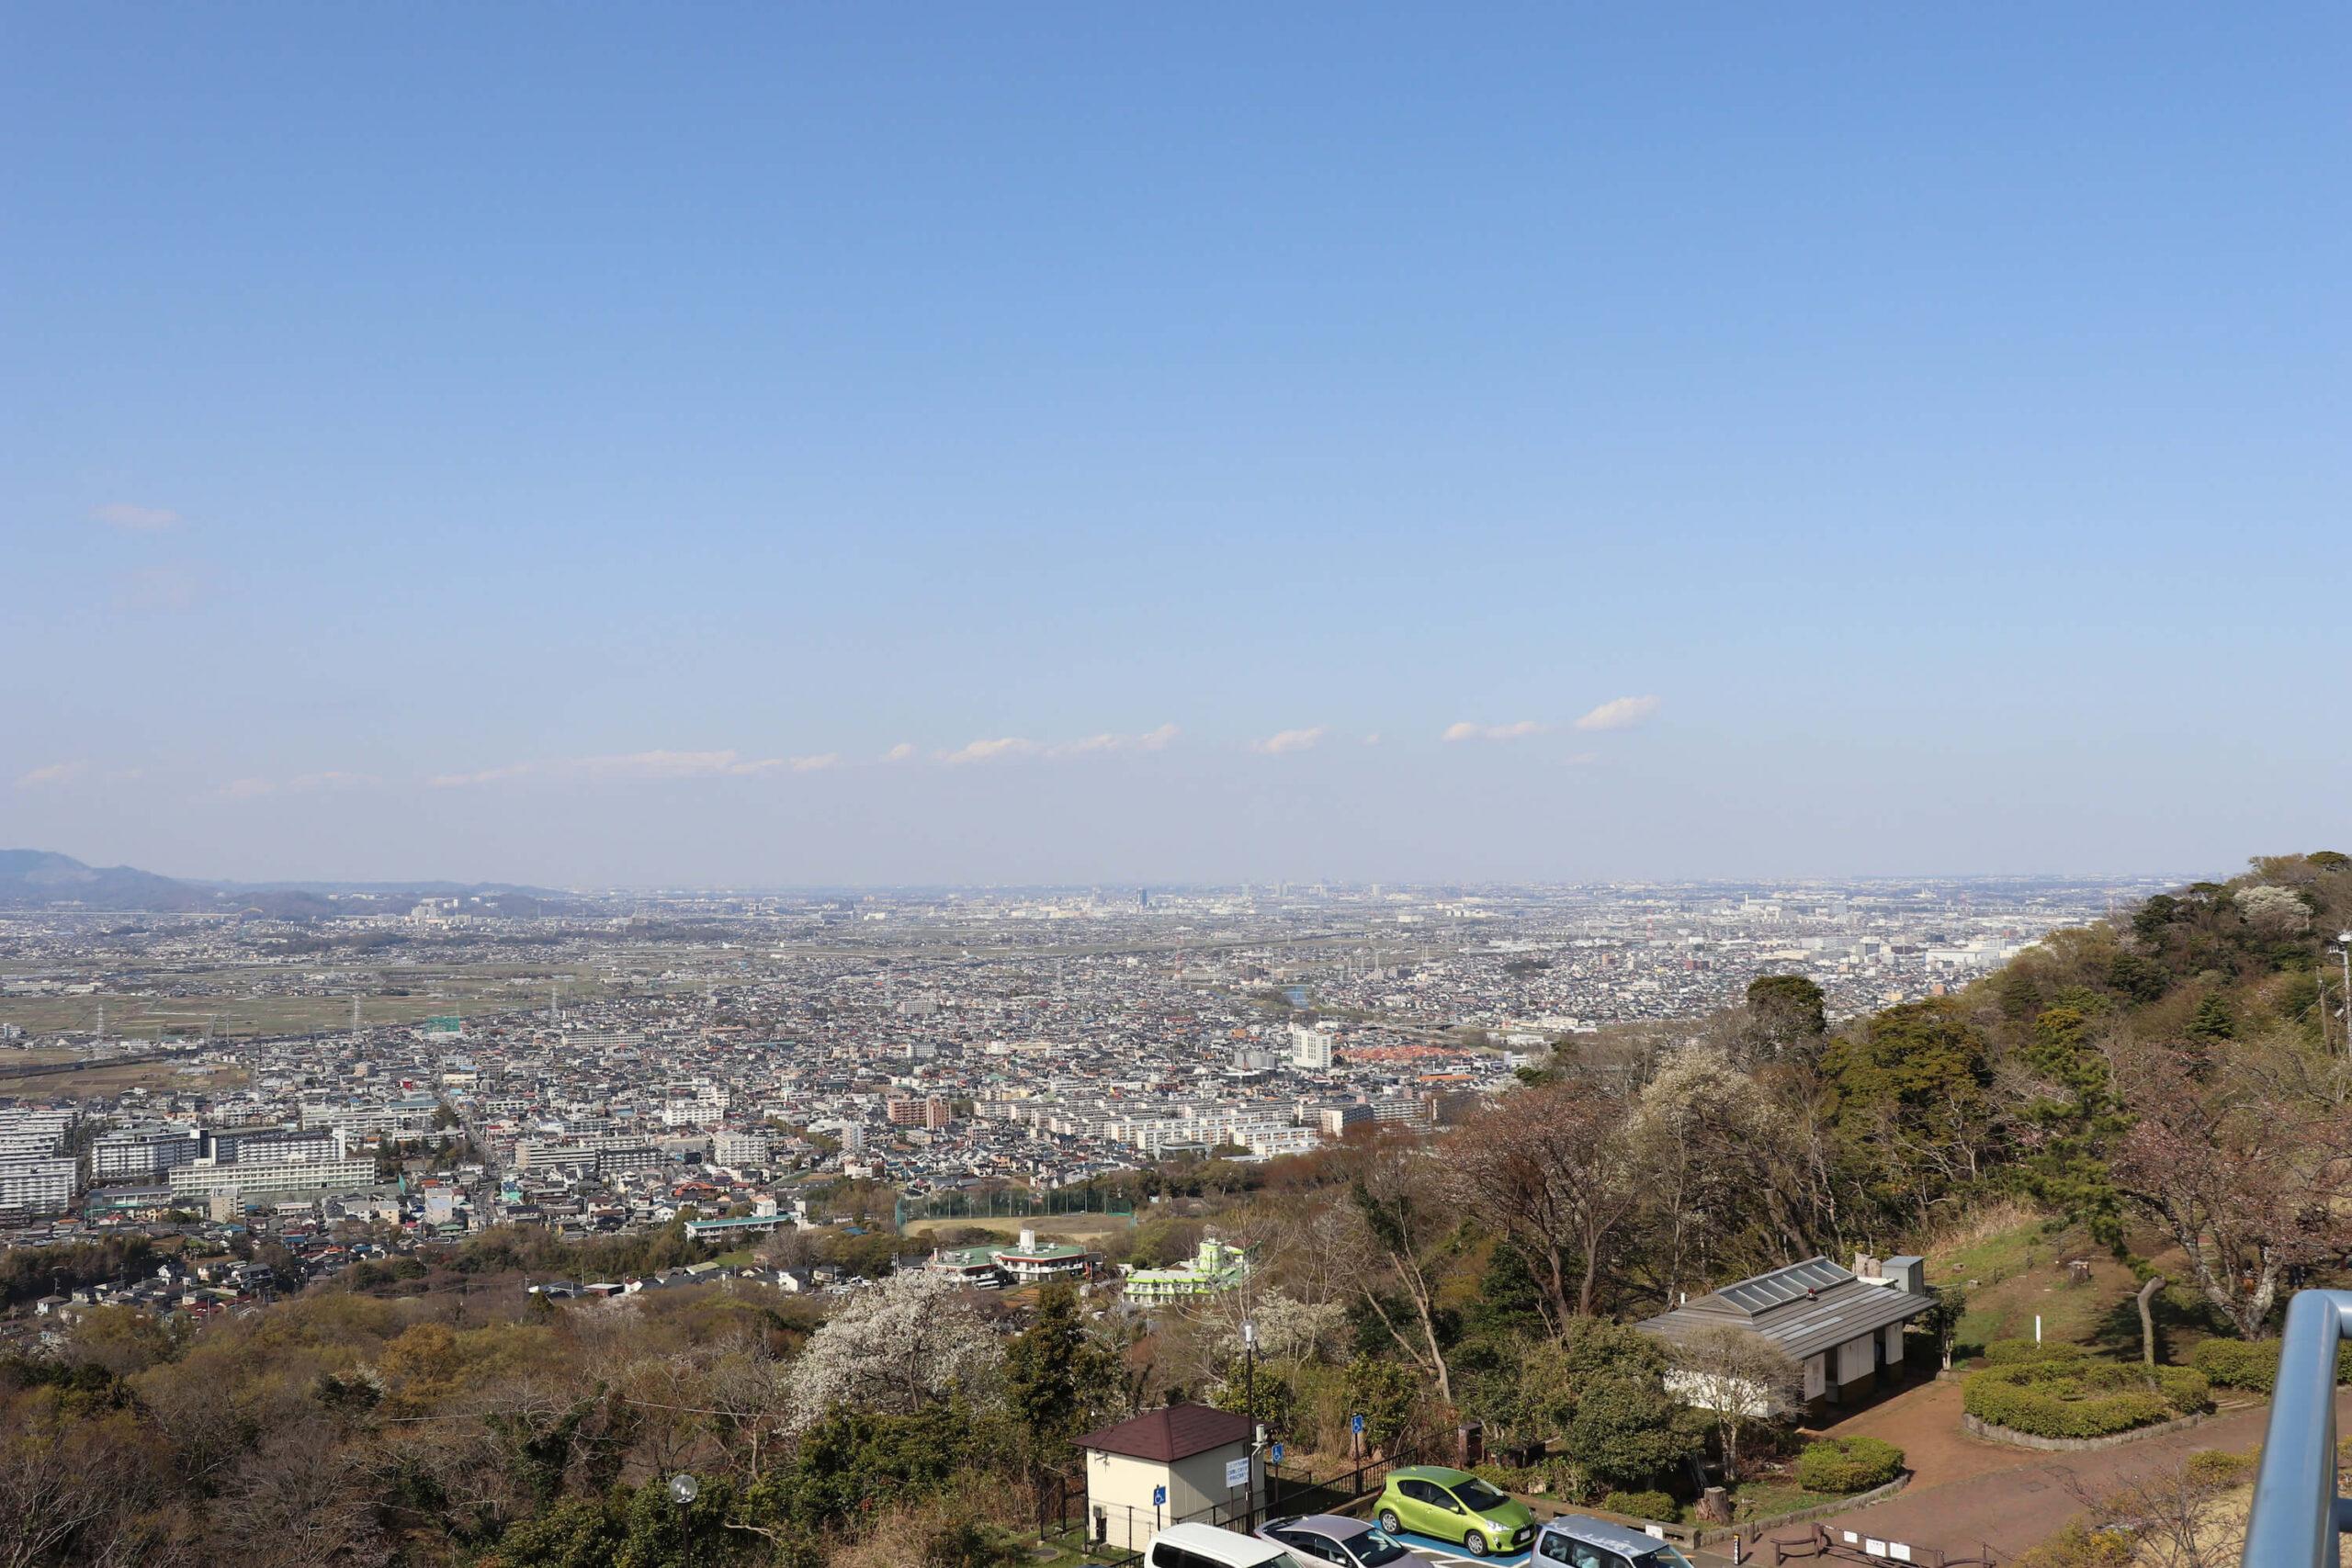 湘南平の眺め北東方向